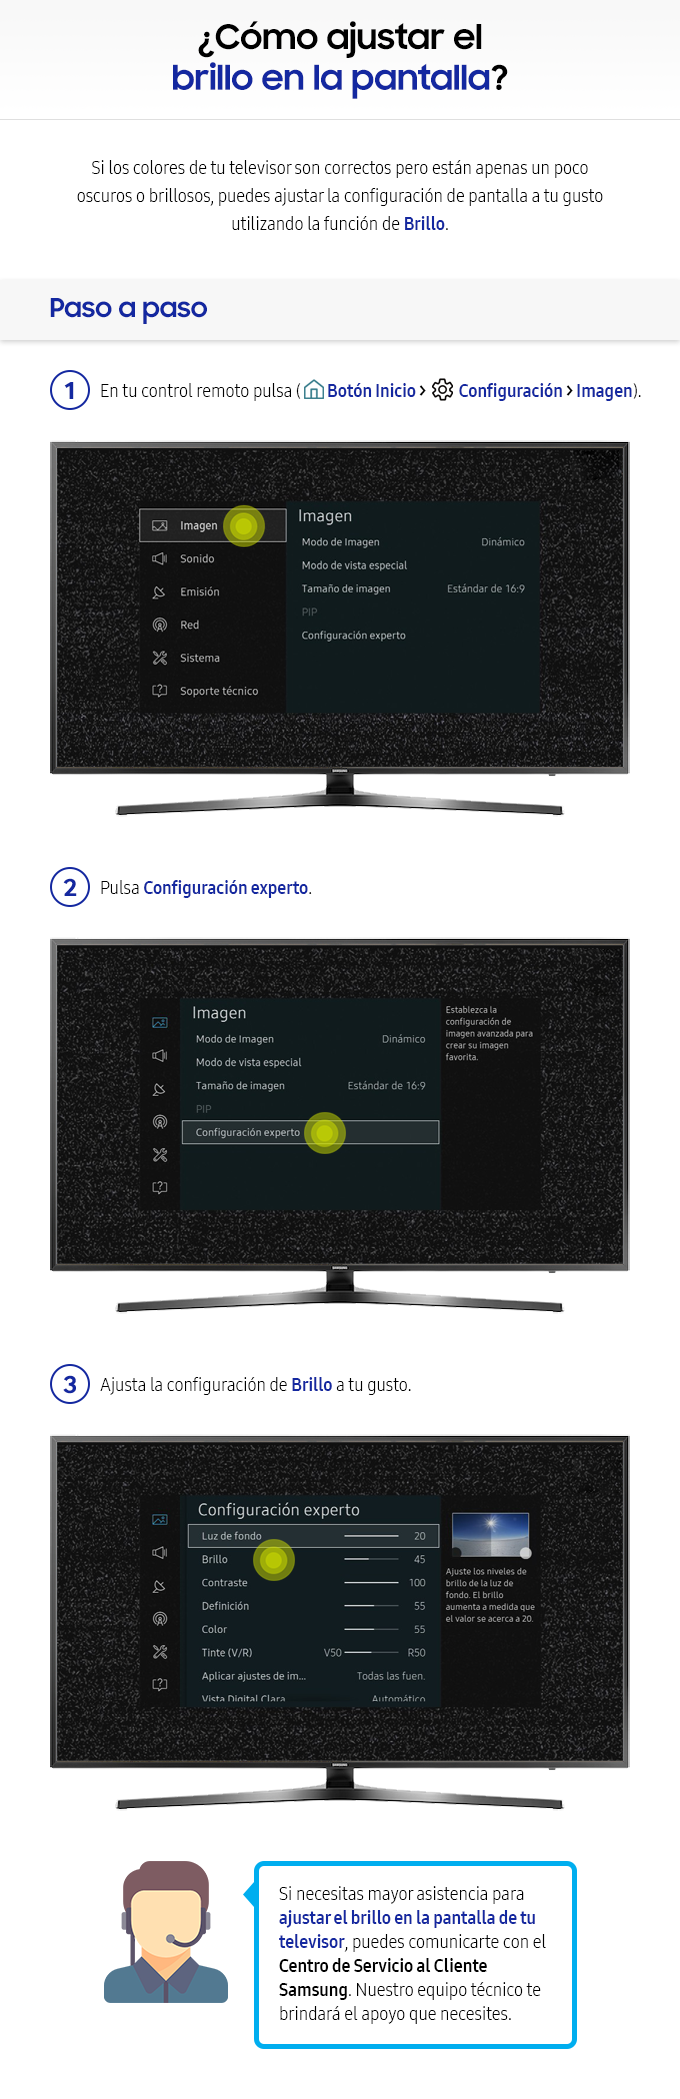 Cómo ajustar el brillo en la pantalla